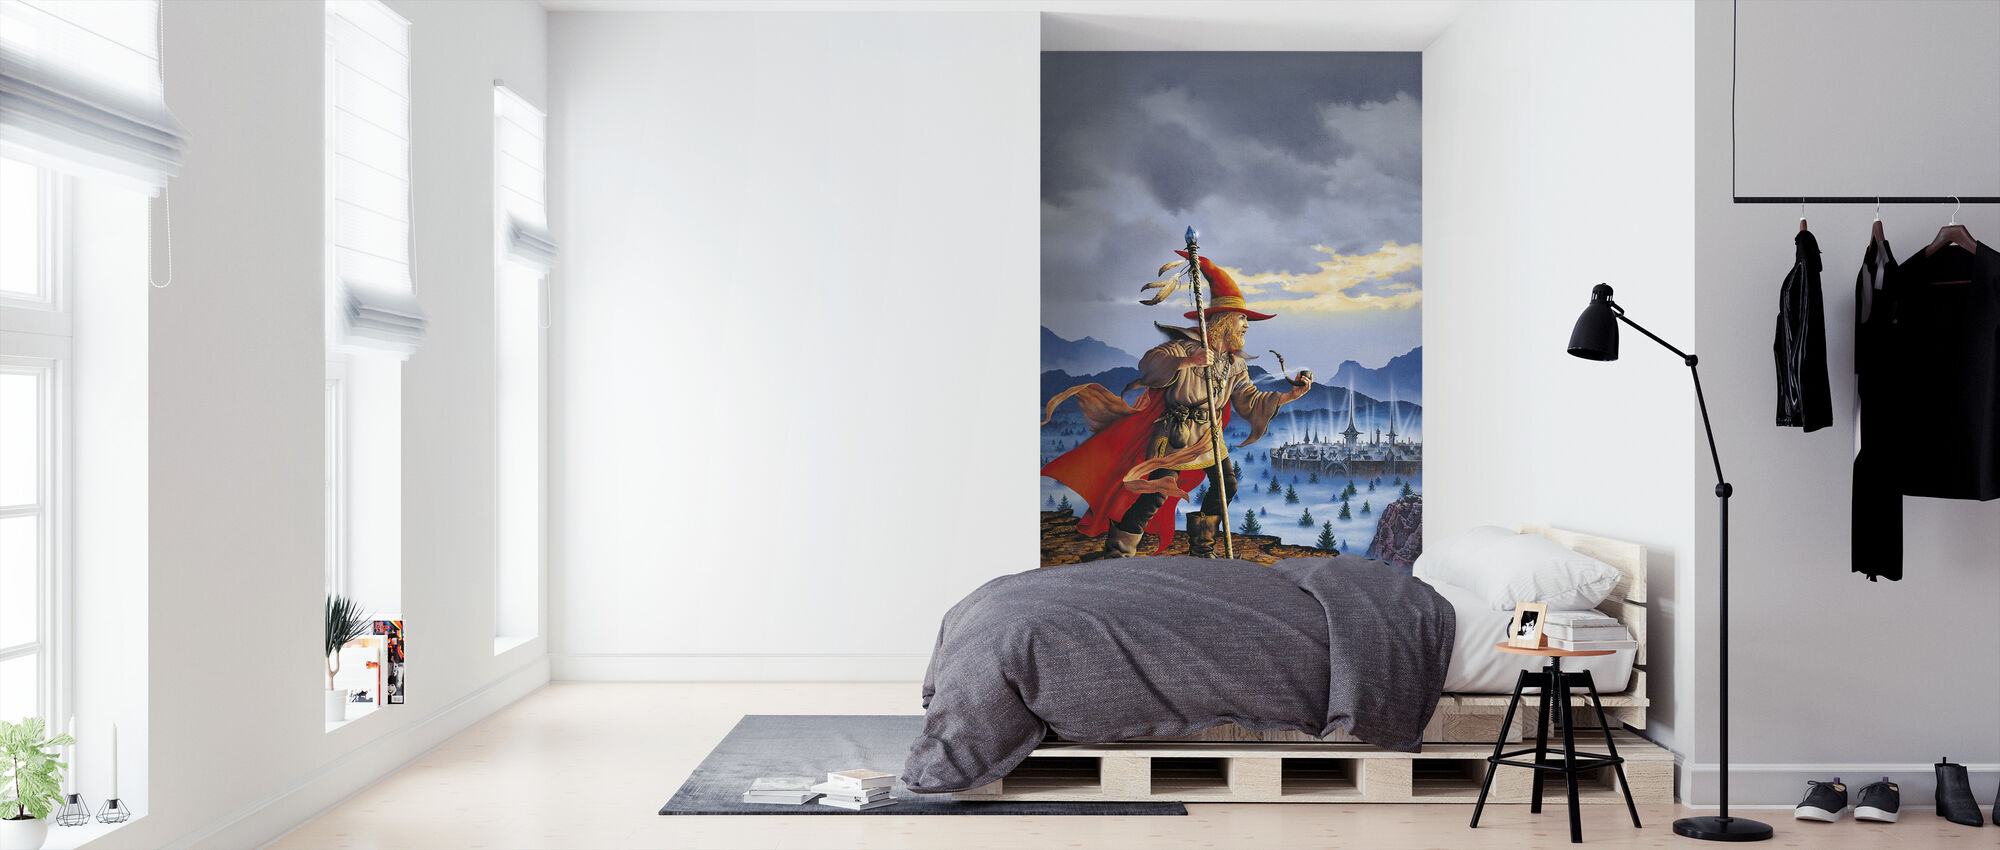 Elminster - Tapet - Soveværelse